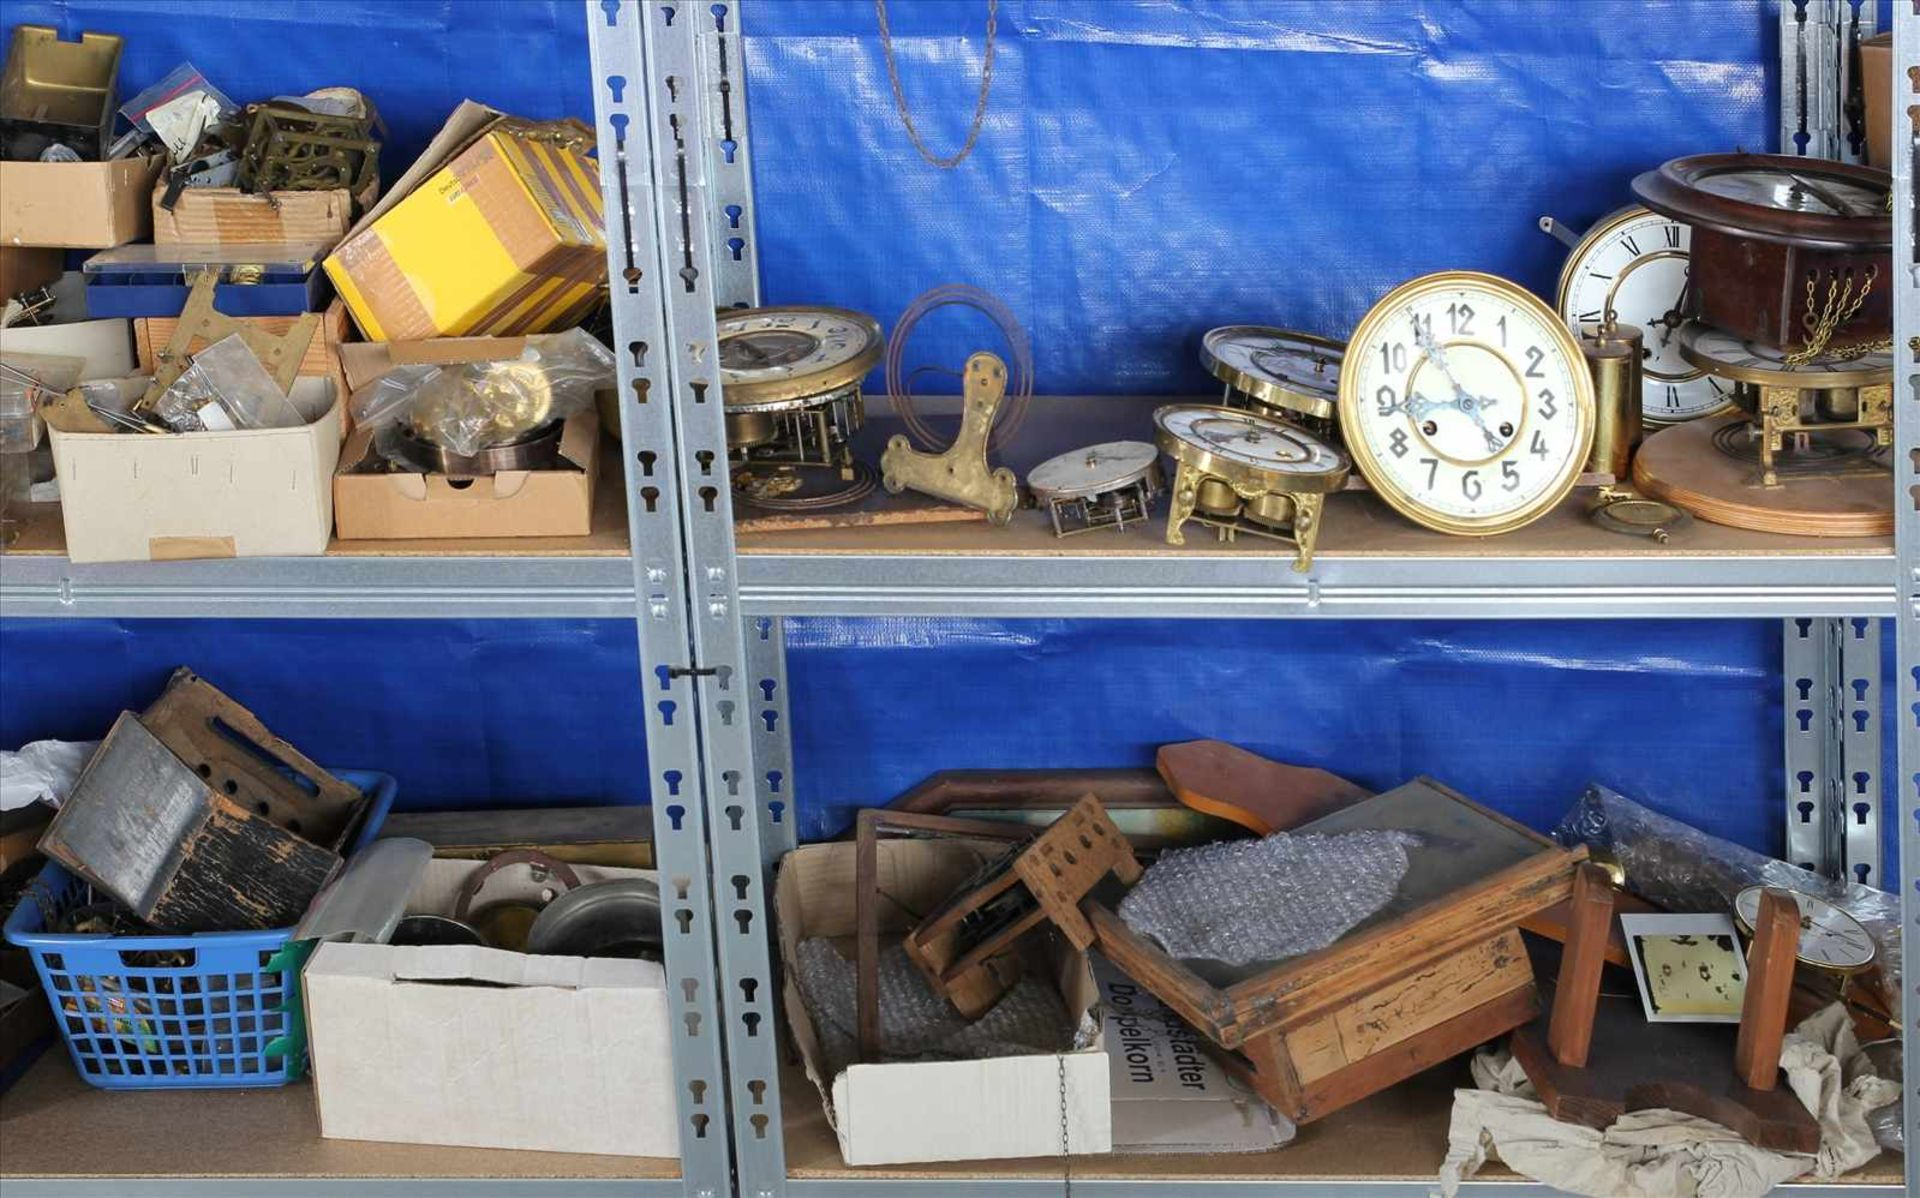 Los 22 - Konvolut UhrenersatzteileInhalt in drei Regalen (Regale gehören nicht zum Auktionsumfang).